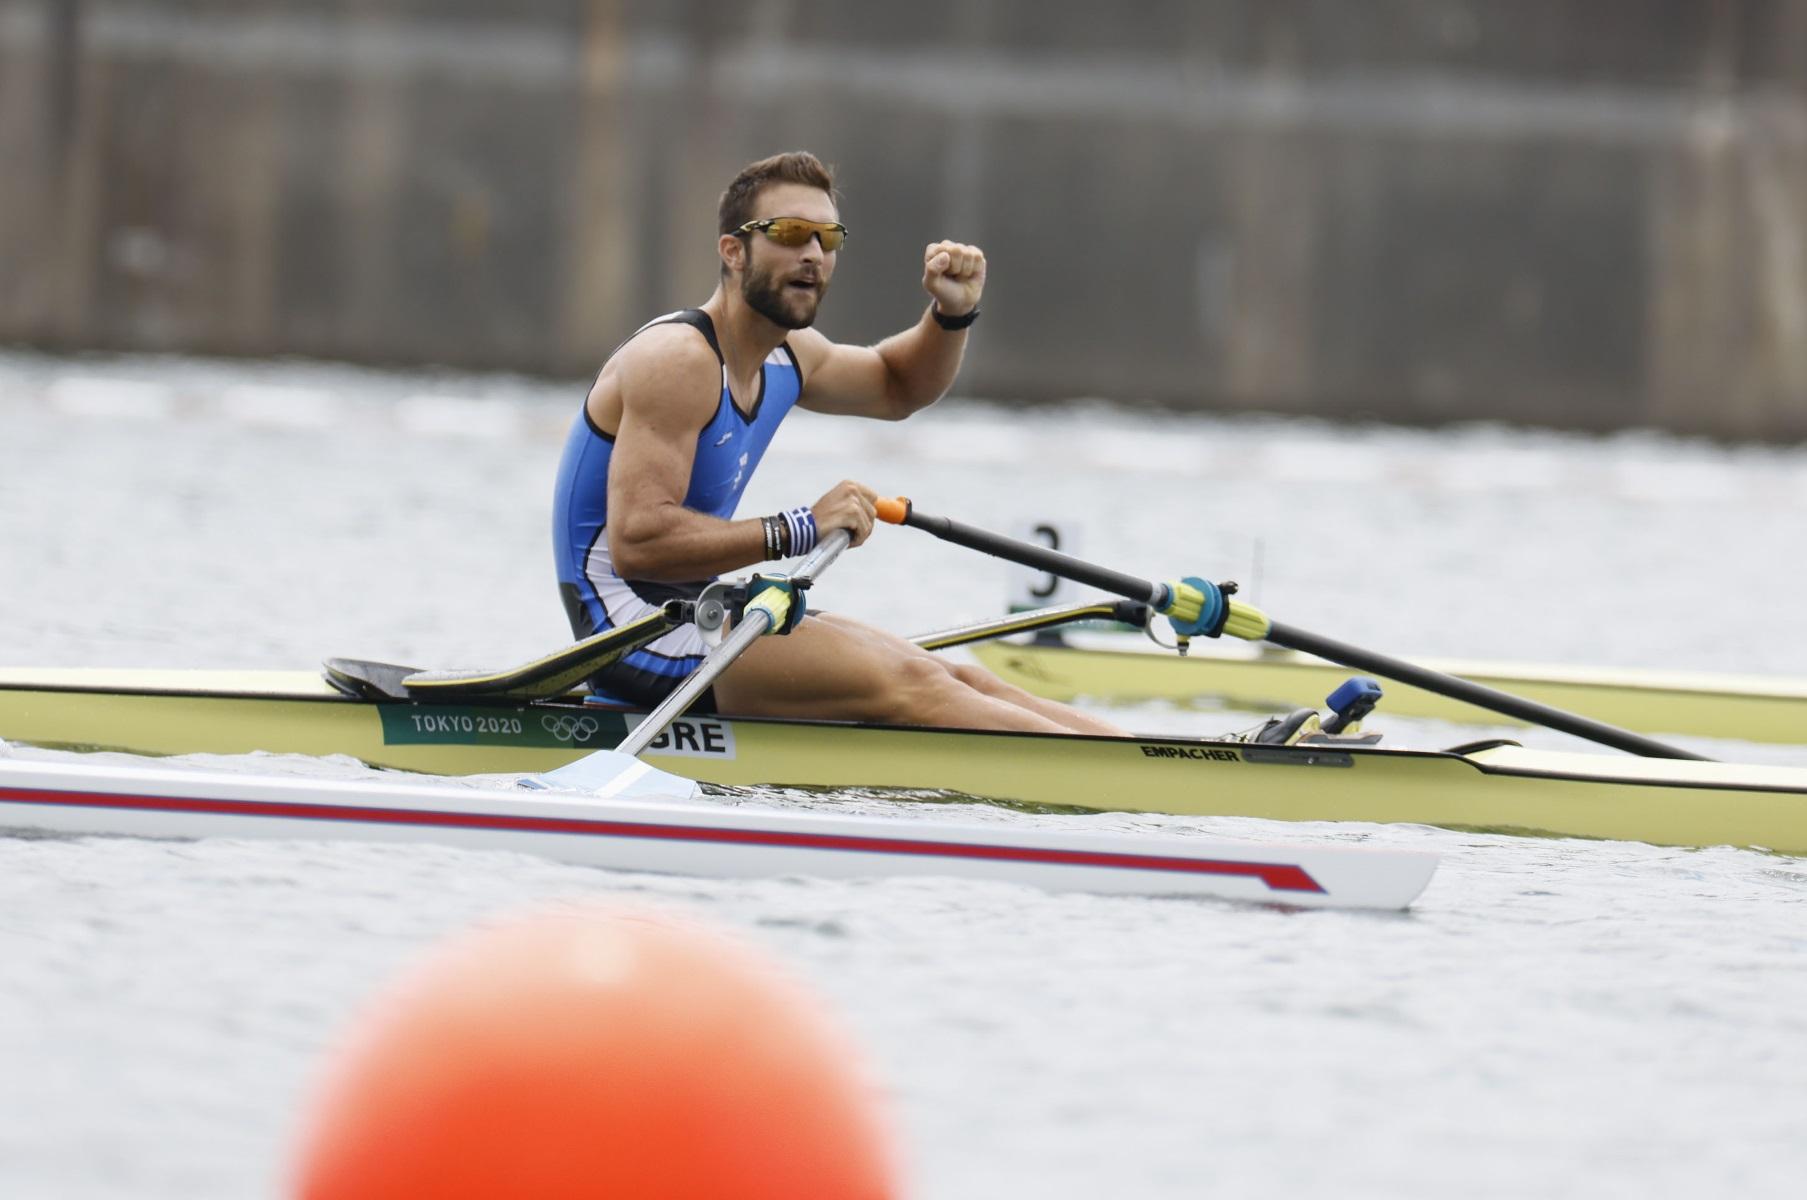 Στέφανος Ντούσκος: Ο «χρυσός» Ολυμπιονίκης του Τόκιο που έκανε την Ελλάδα υπερήφανη